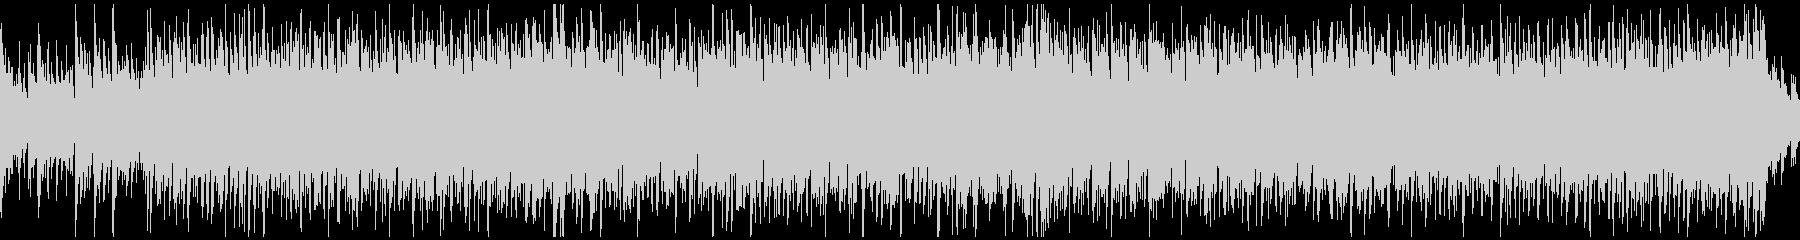 ノリノリで元気なウクレレ曲 ※ループ版の未再生の波形